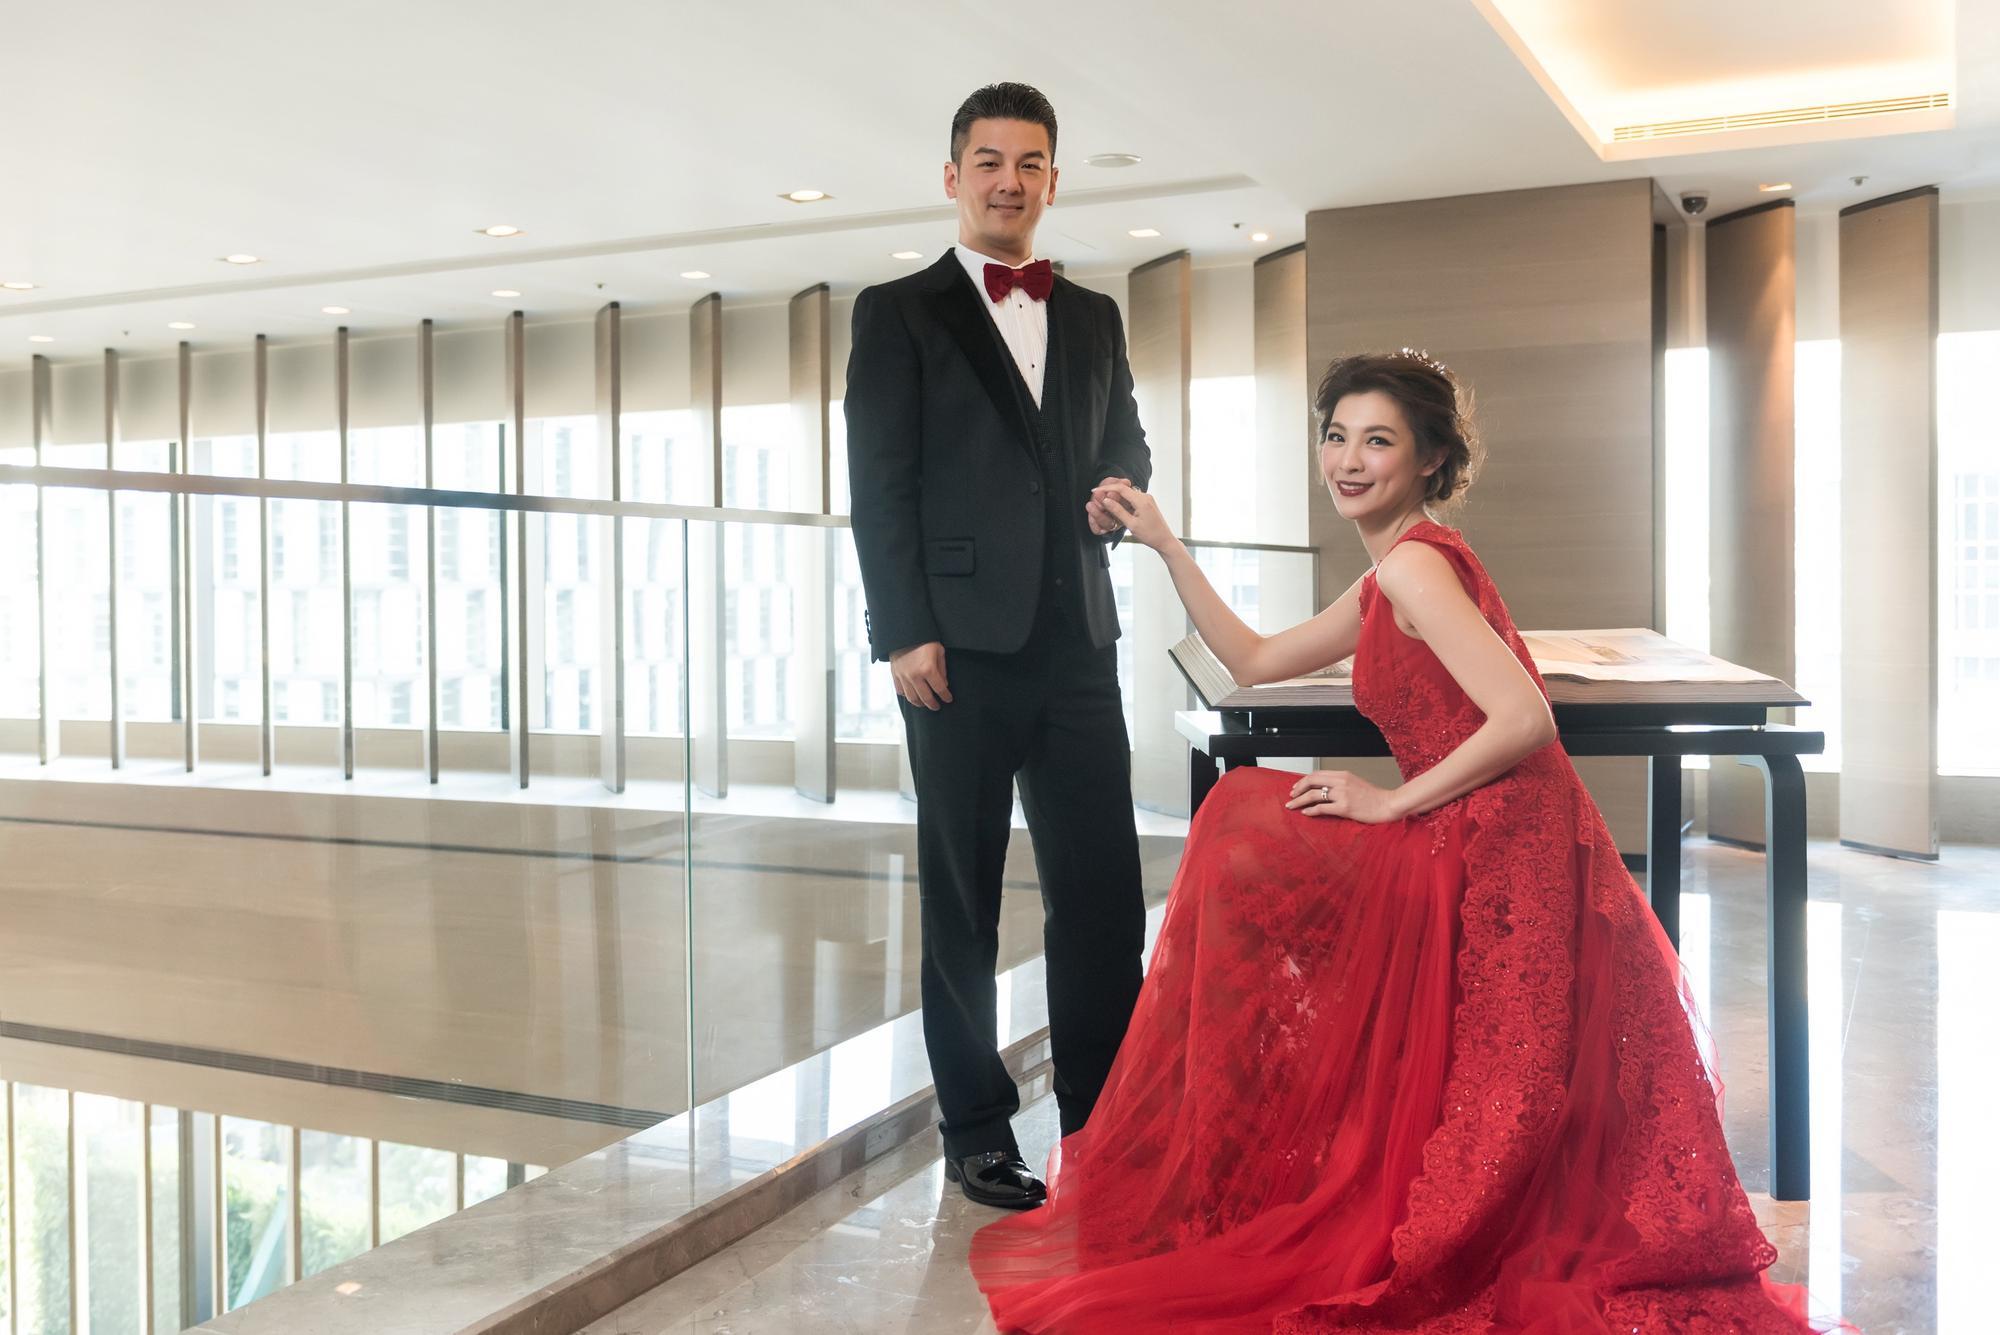 「林若亞 & 孫志浩 婚禮」的圖片搜尋結果